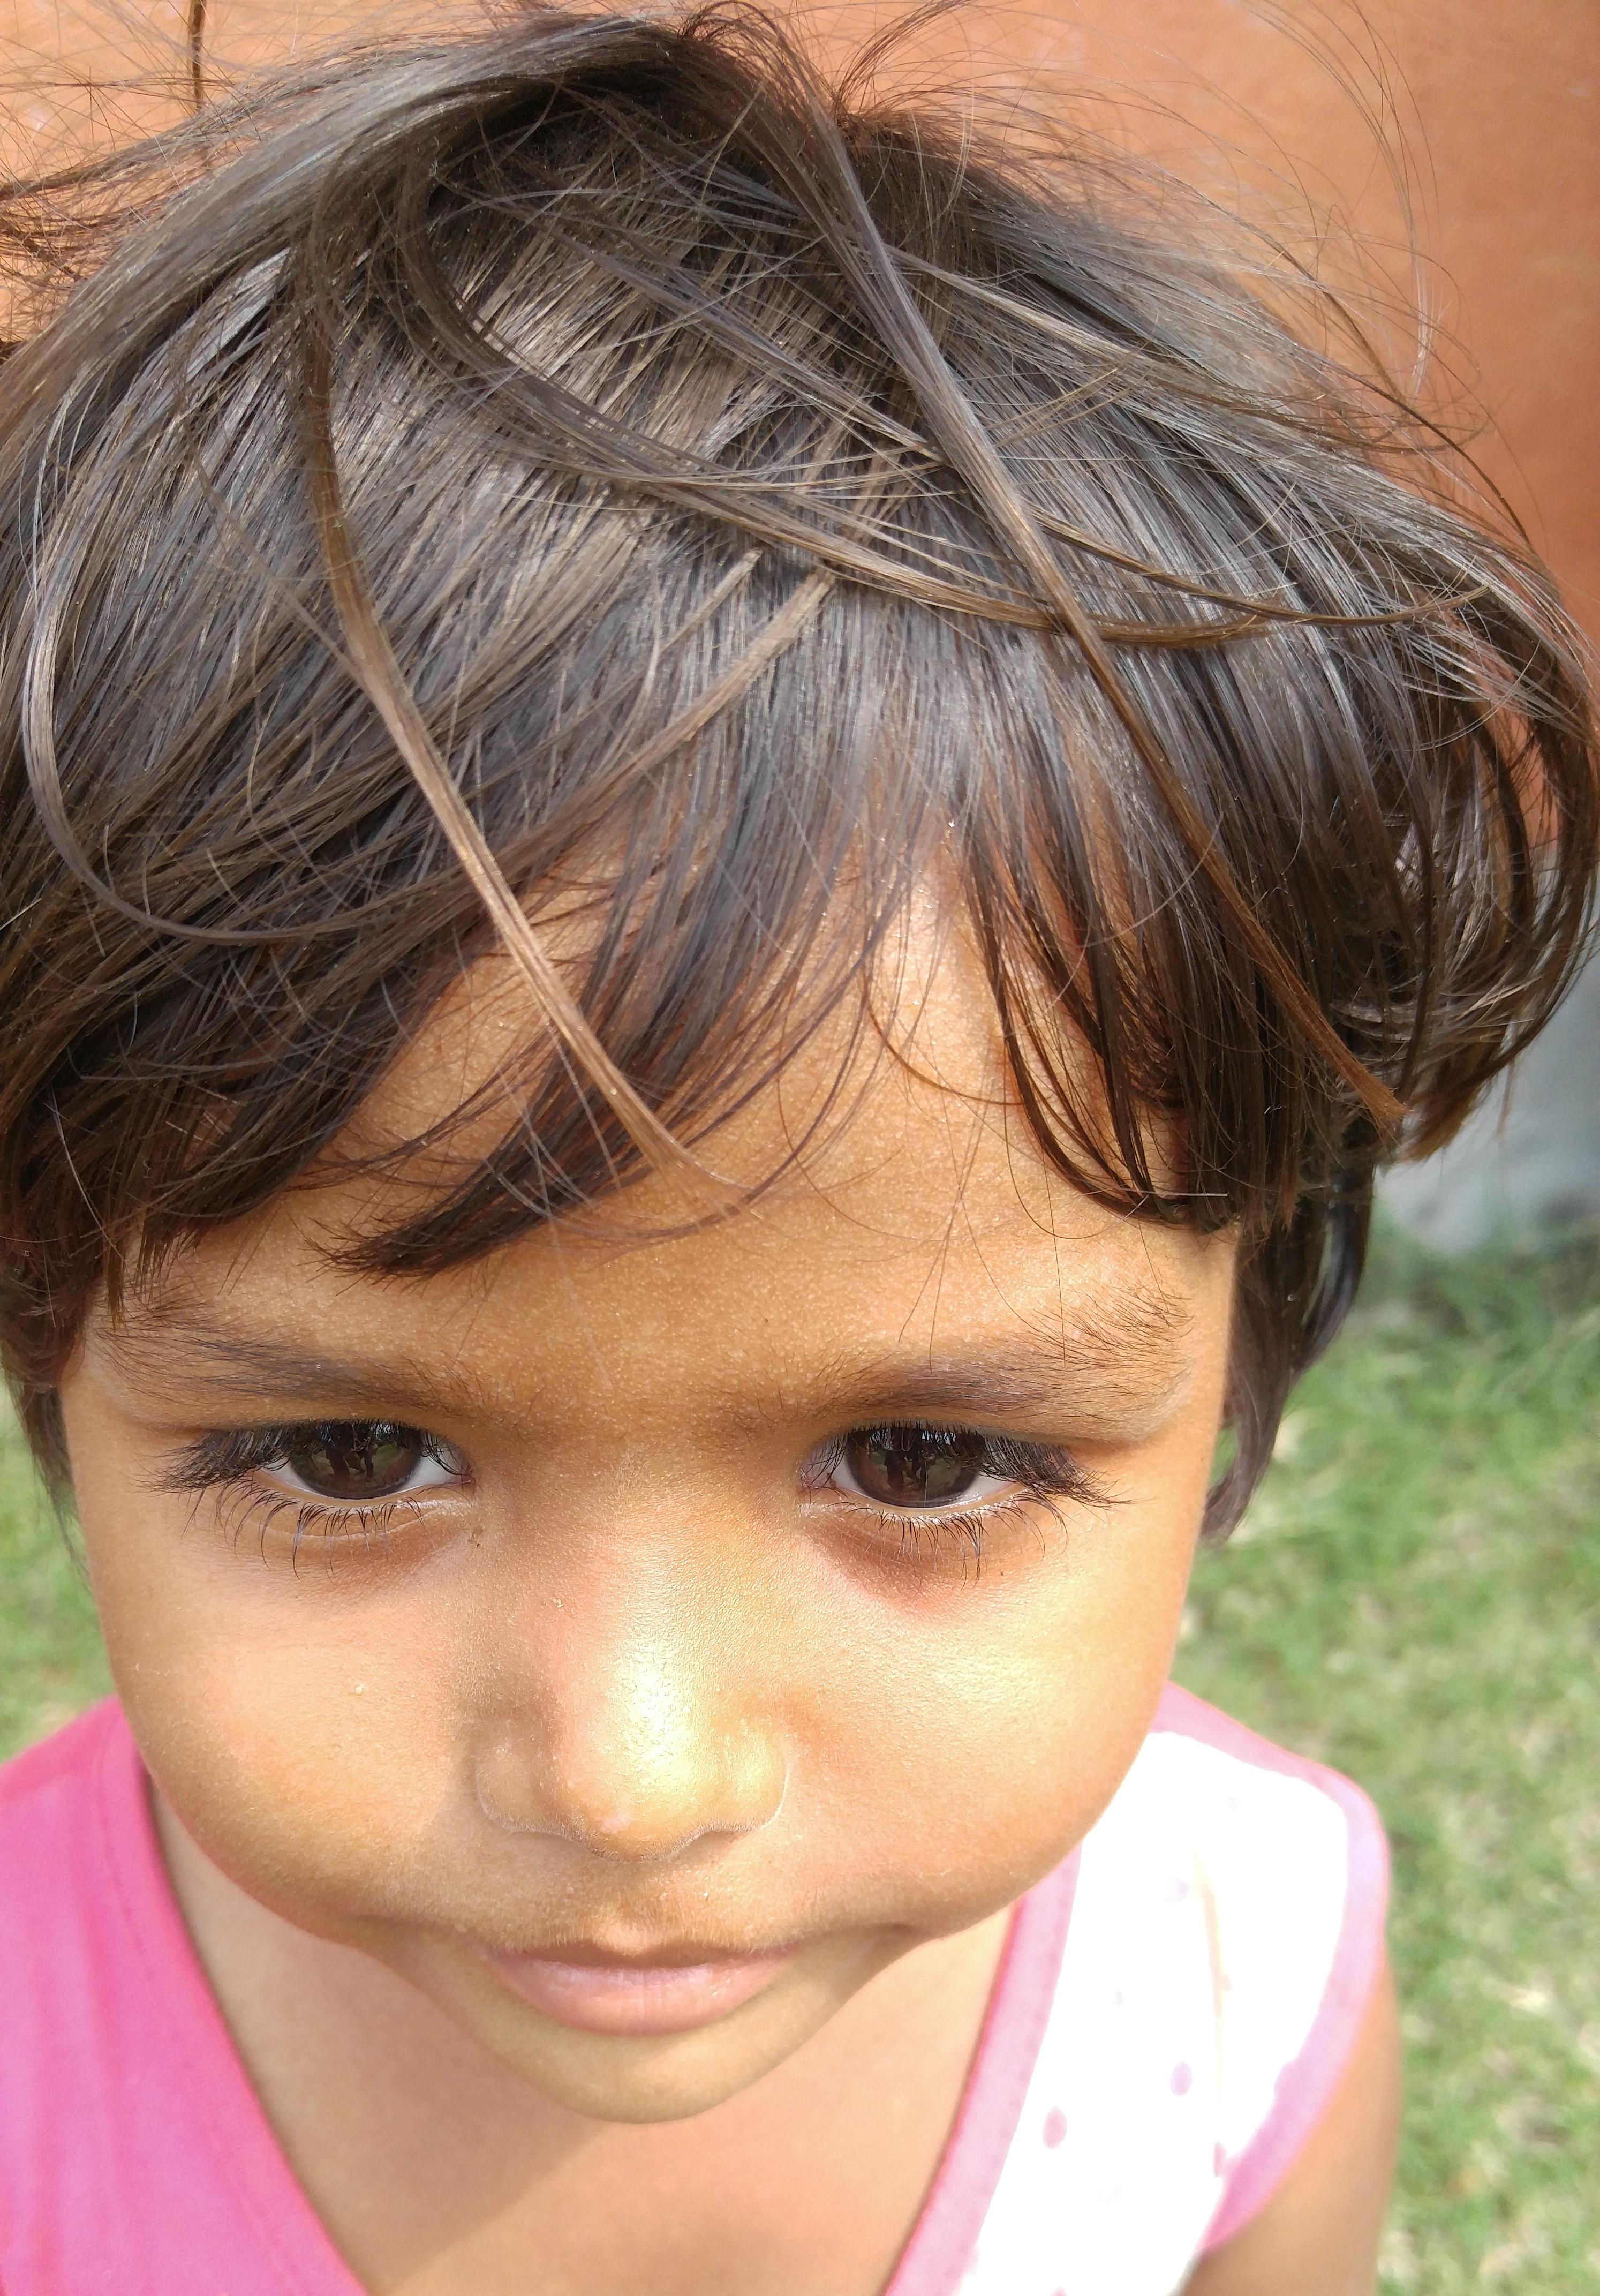 스리랑카의 어린이2